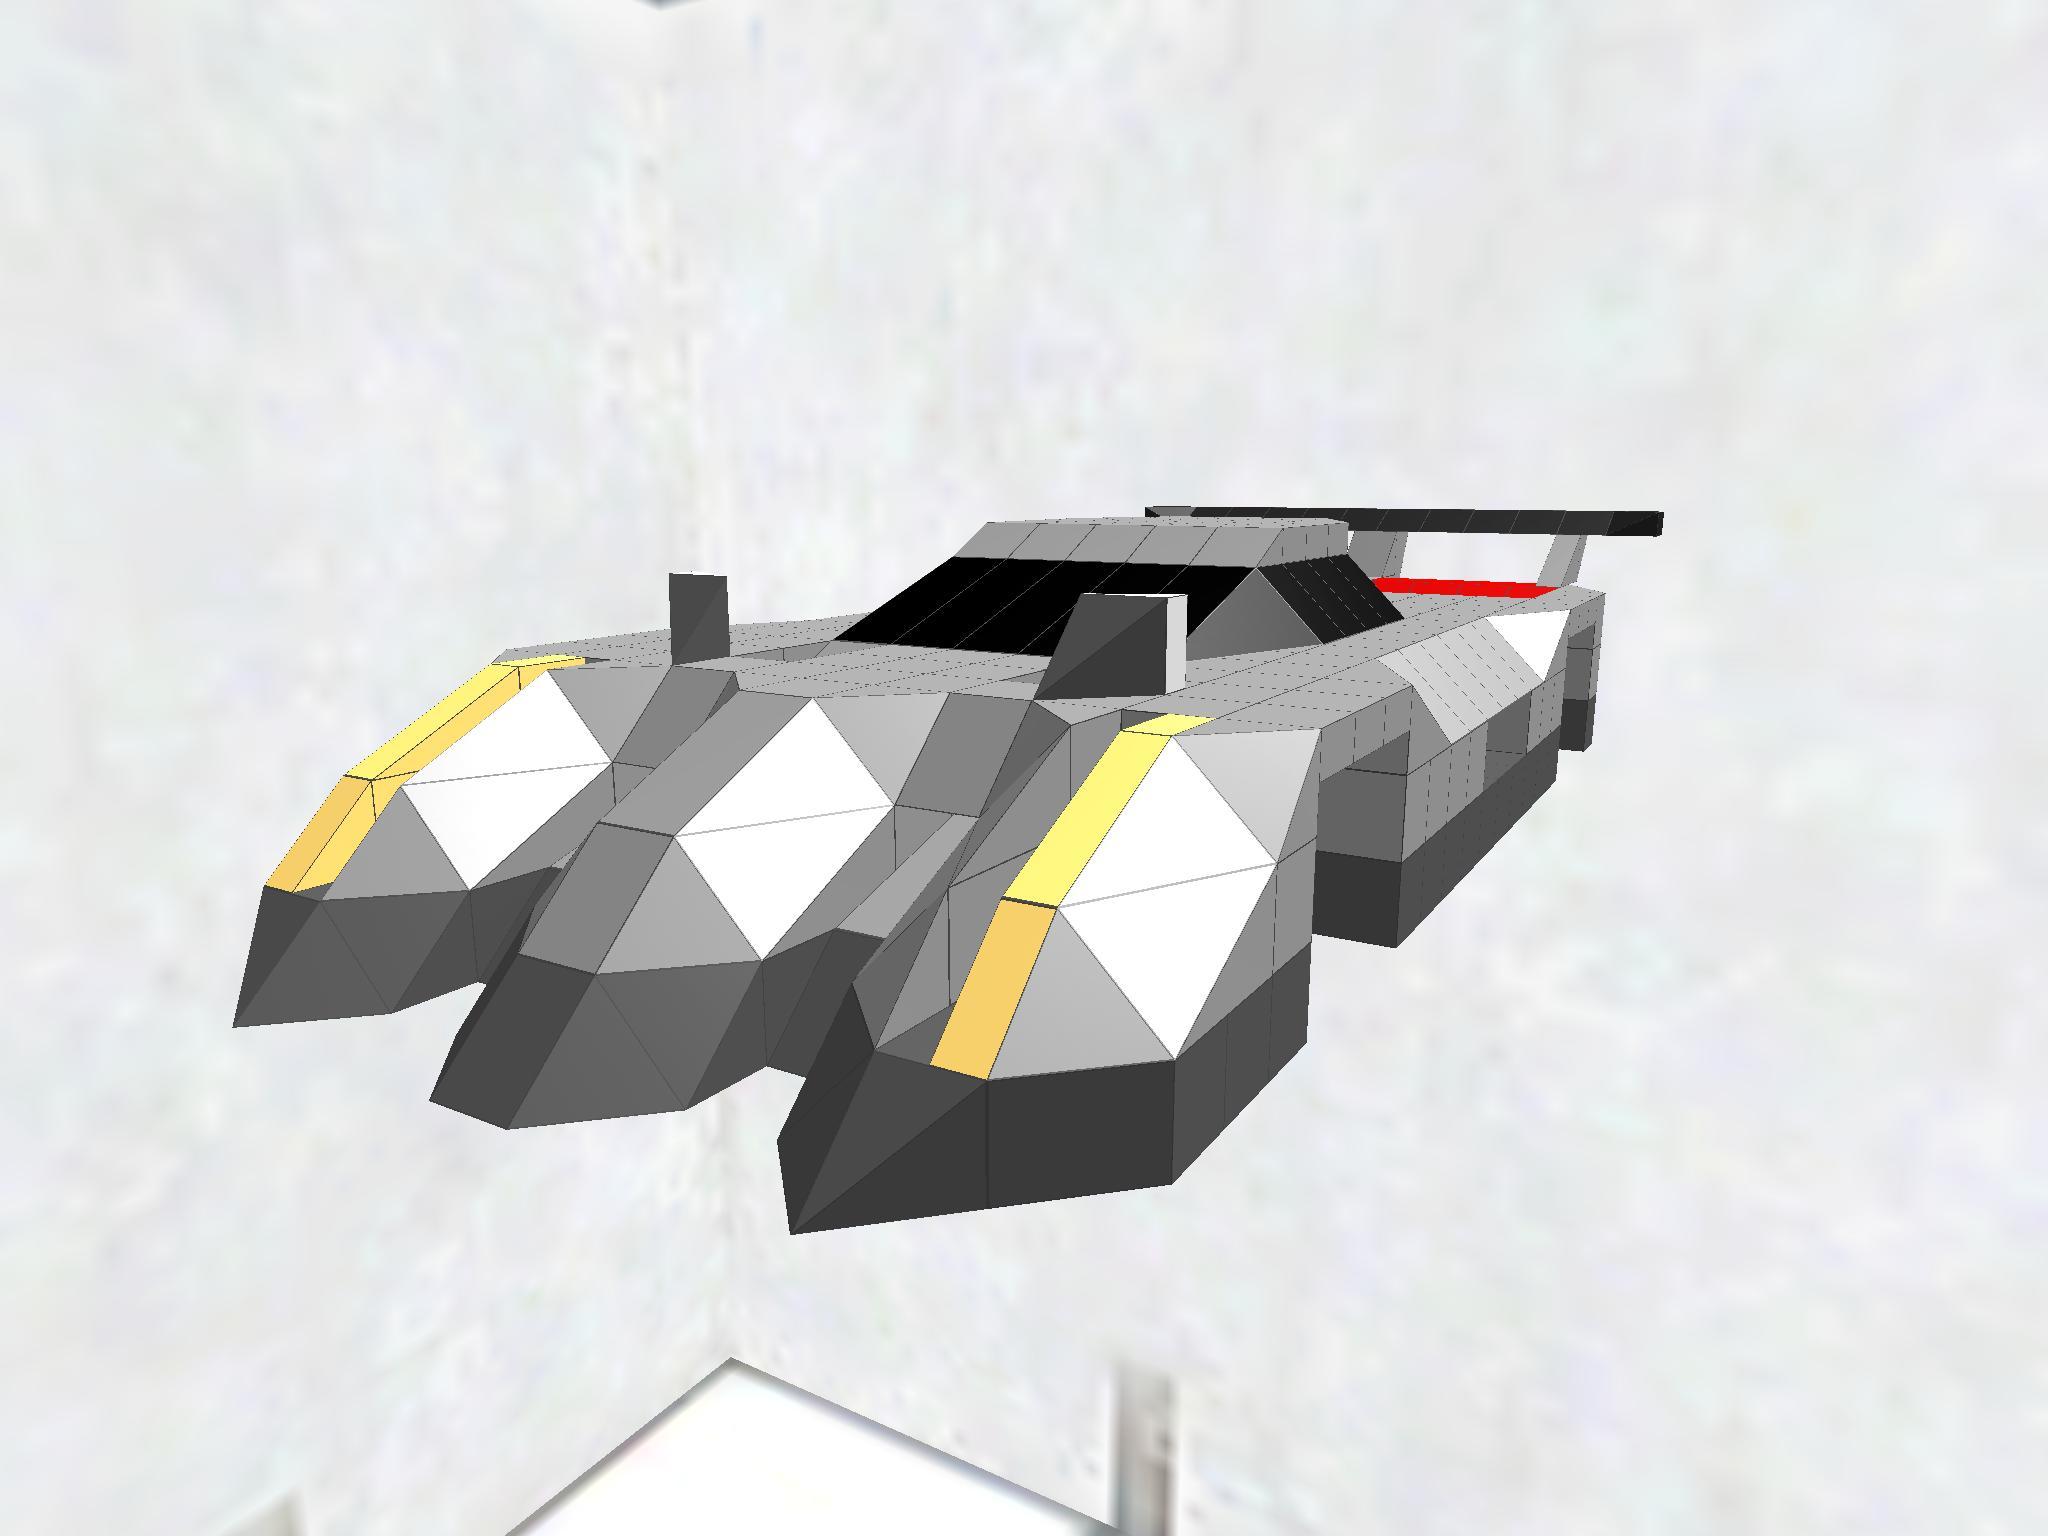 VecTrec's Voltic Model R